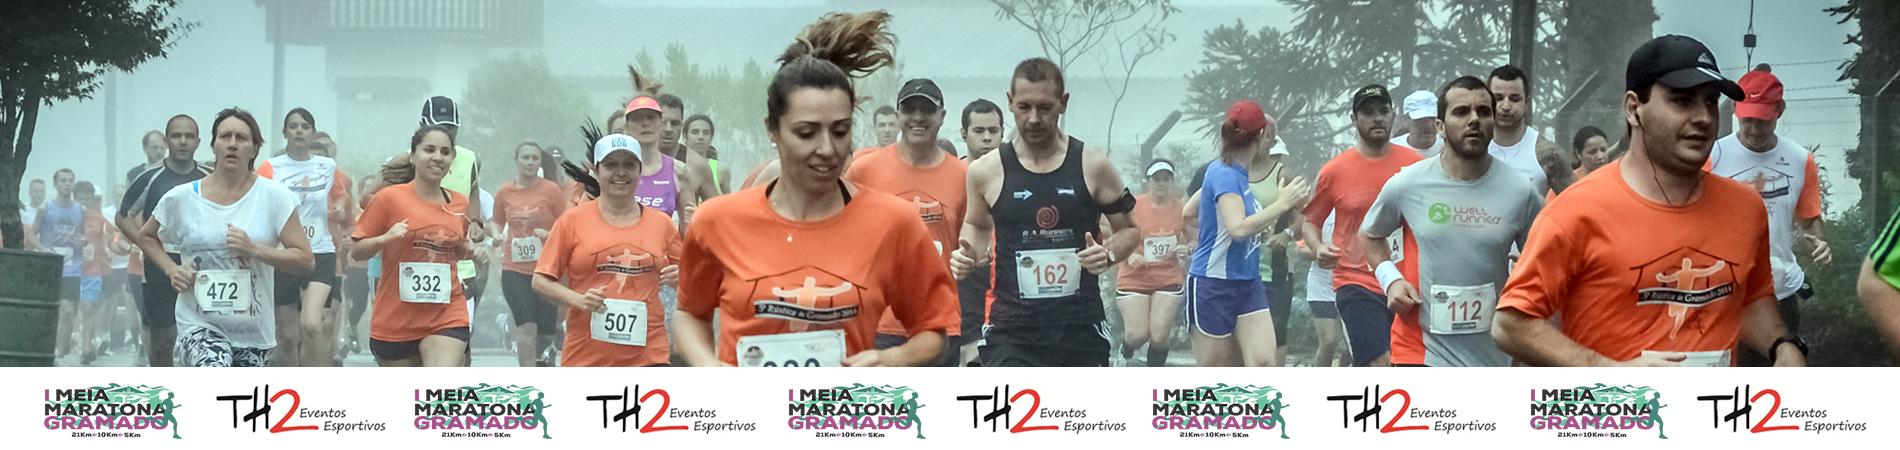 1ª MEIA MARATONA GRAMADO/RS - 2016 - Imagem de topo